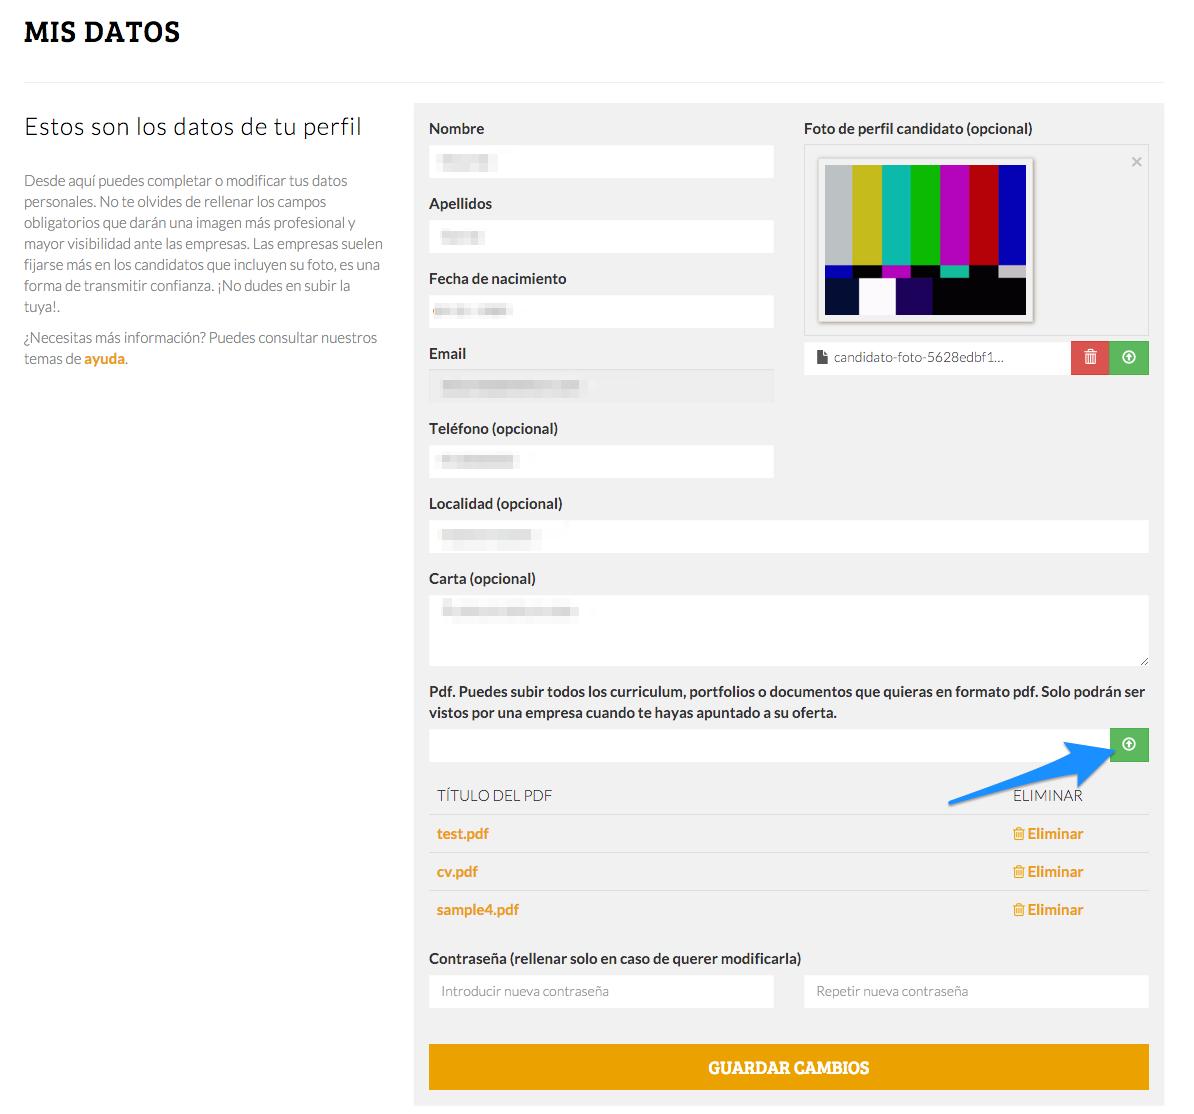 Ofertas de empleo y trabajo de gastronomía - gastroempleo.com